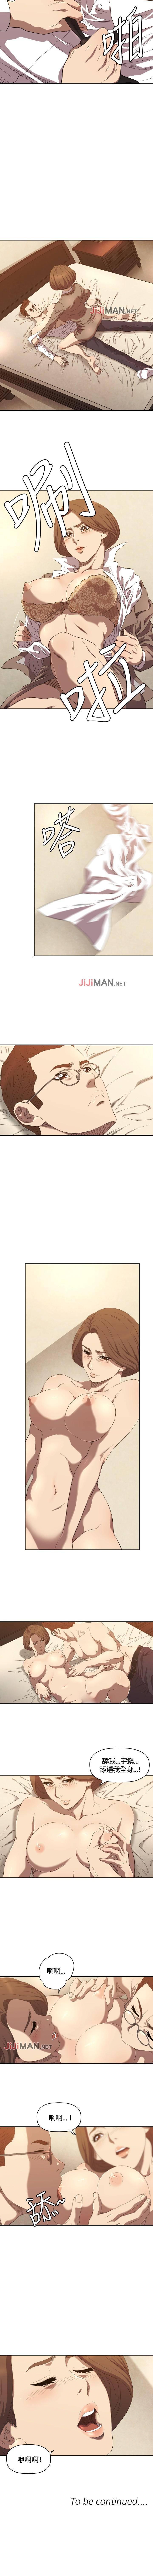 【已完结】索多玛俱乐部(作者:何藝媛&庫奈尼) 第1~32话 45